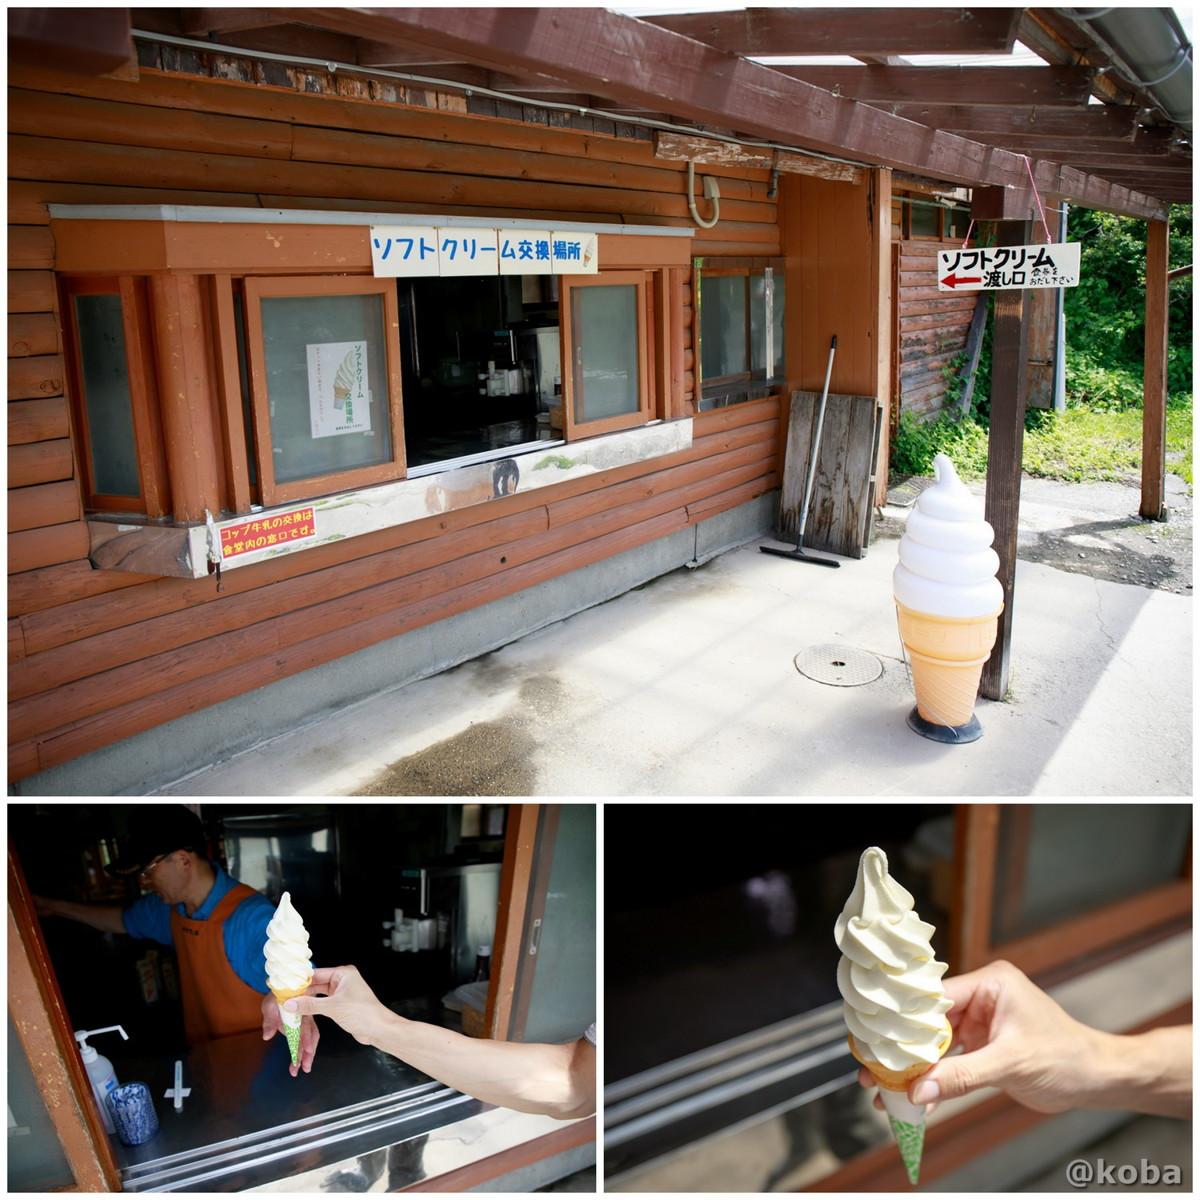 ソフトクリーム交換場所 神津牧場(こうづぼくじょう)群馬県